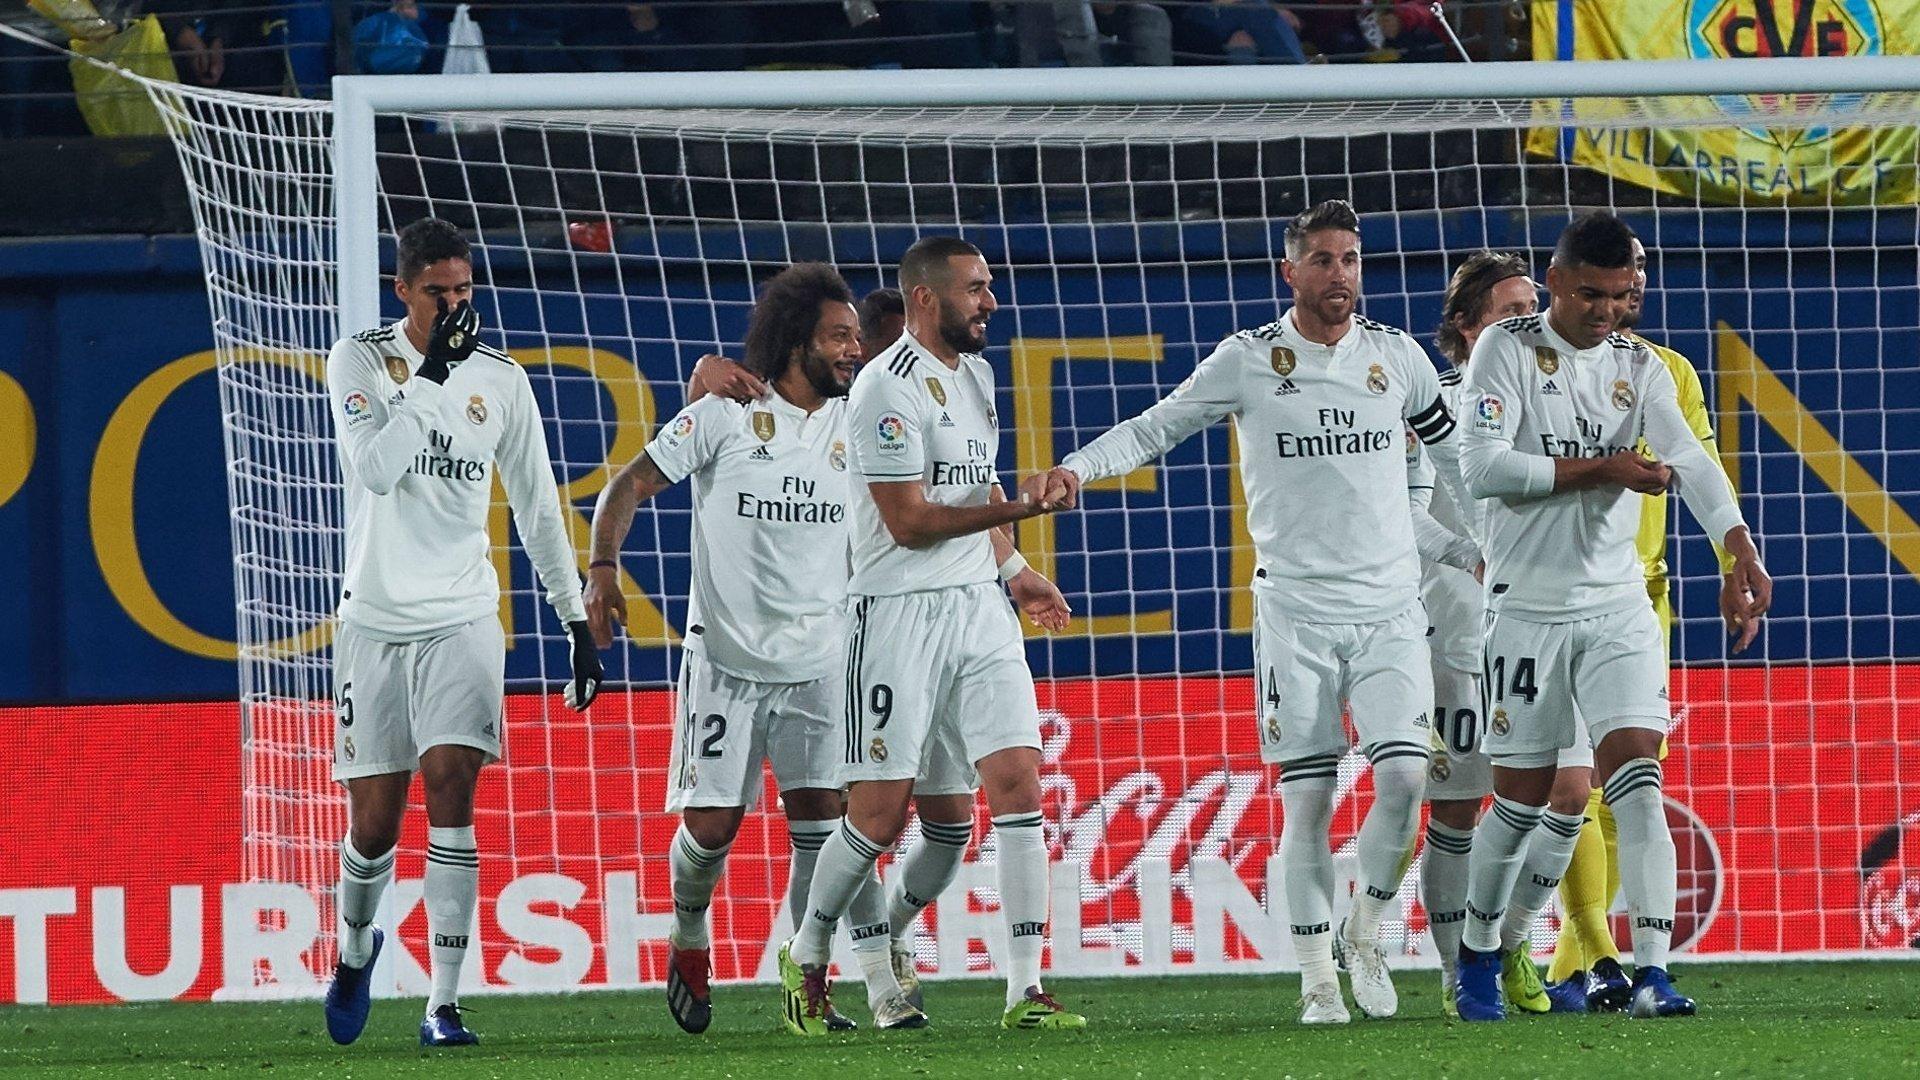 Preview: Villarreal vs Real Madrid — LaLiga Matchday 3